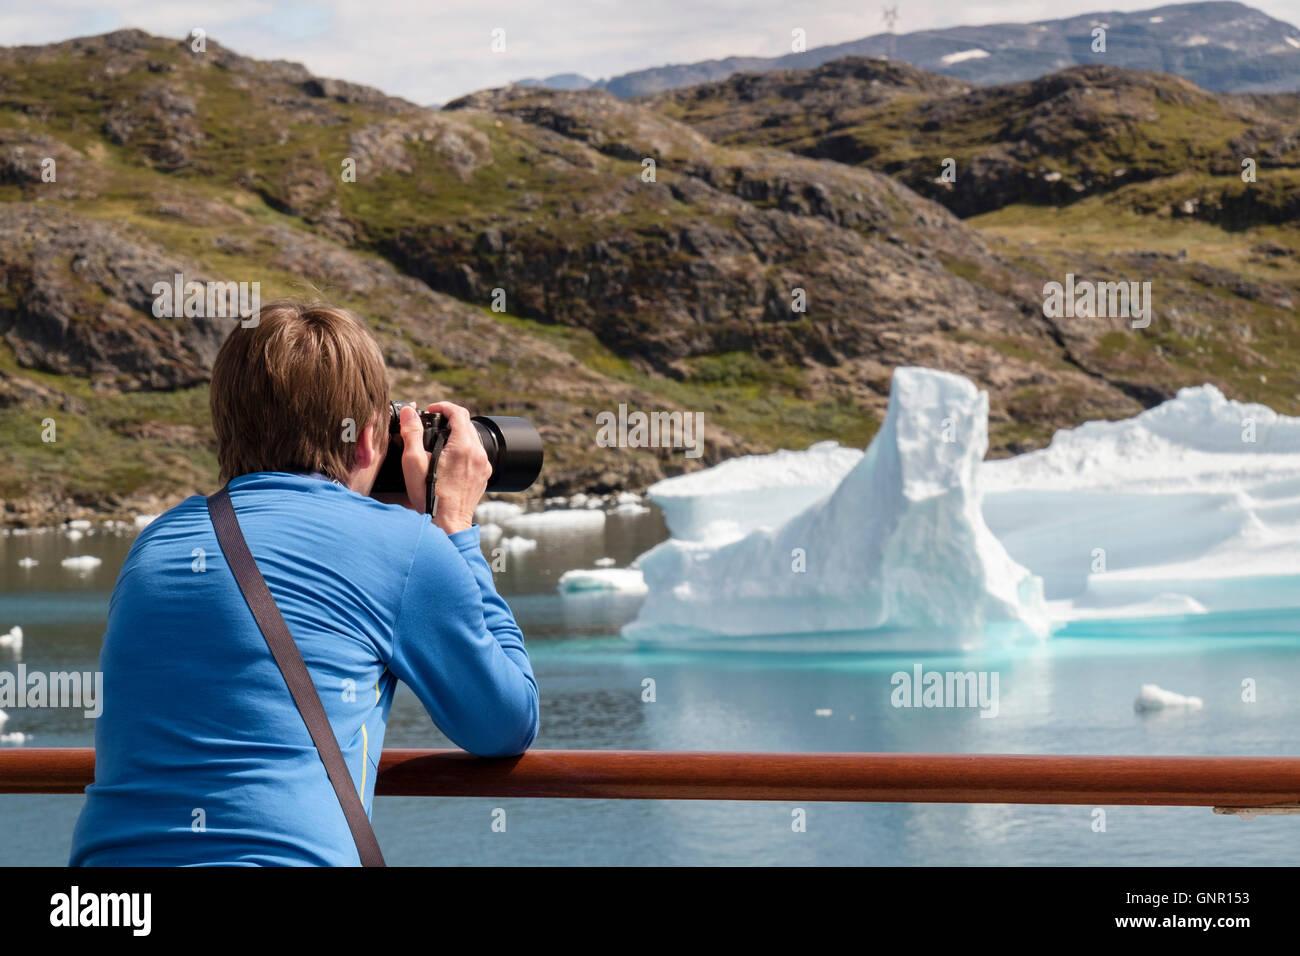 Alamy Reise-fotograf Passagier fotografieren Eisberge von kreuzfahrtschiff Deck in Tunulliarfik Fjord im Sommer. Stockbild